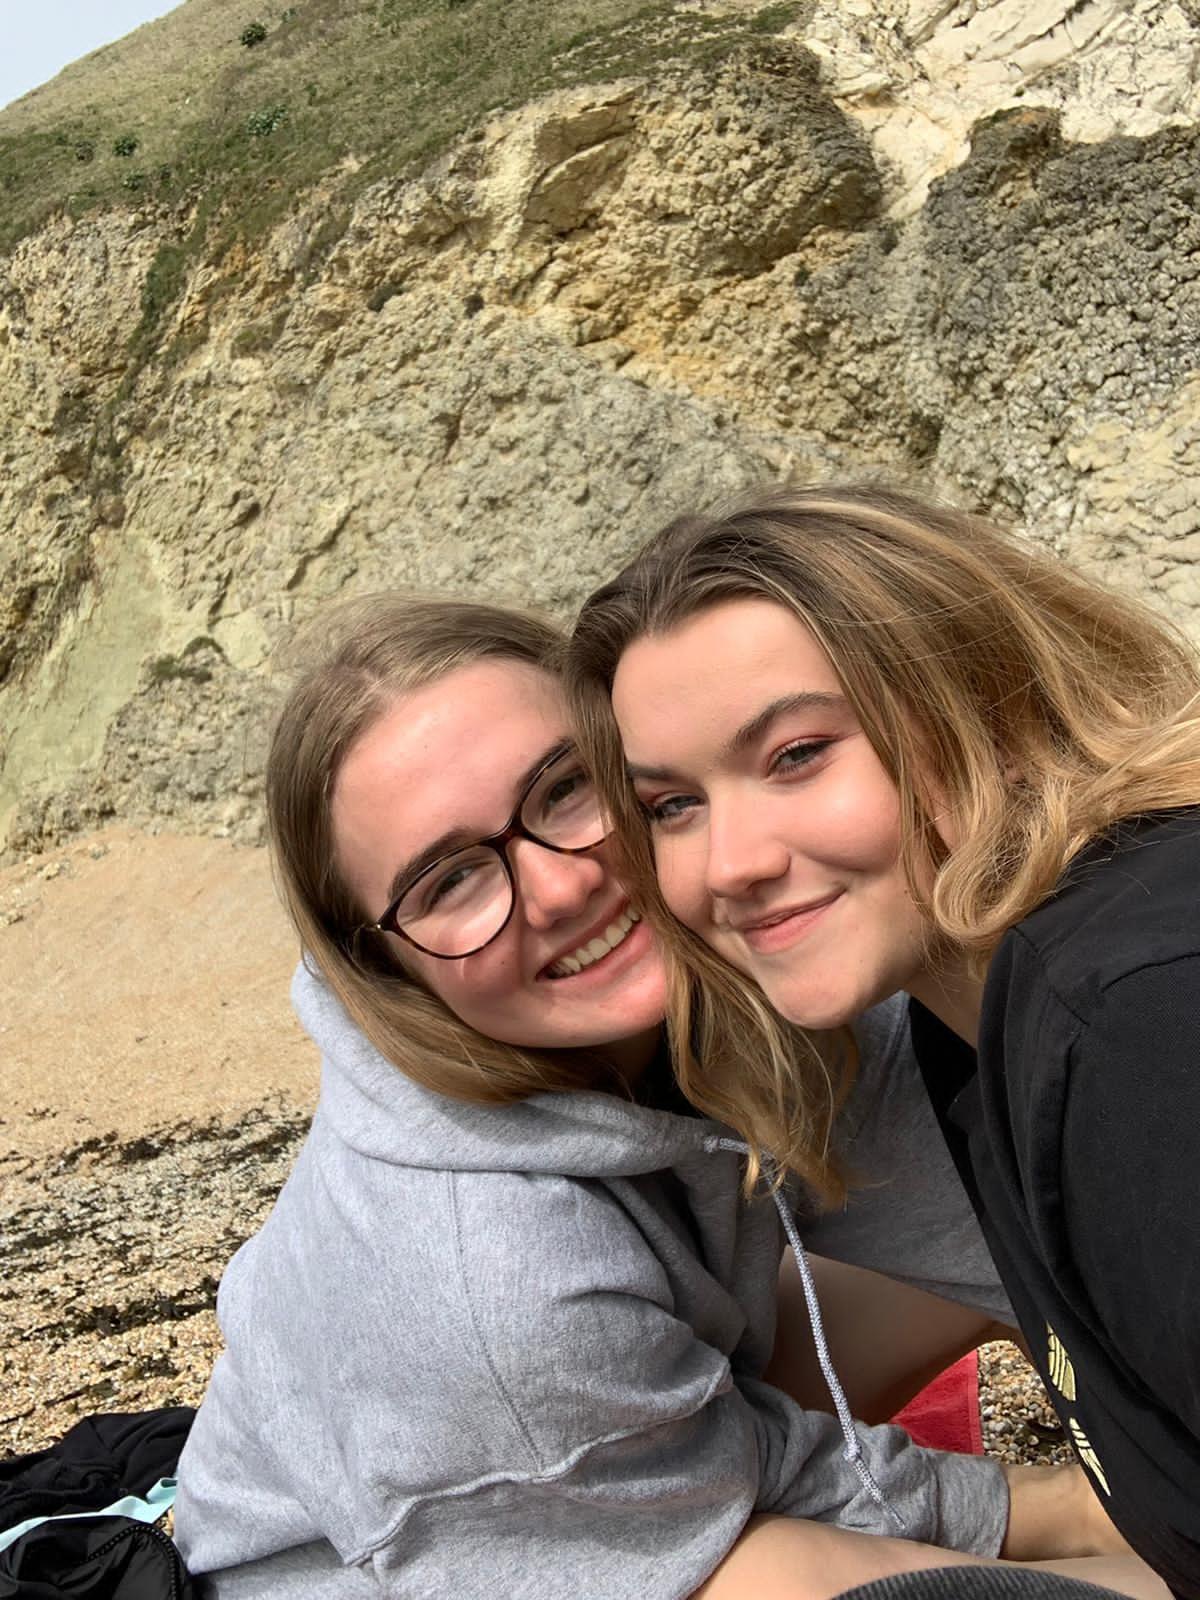 Zwei Teilnehmerinnen während eines Ausflugs